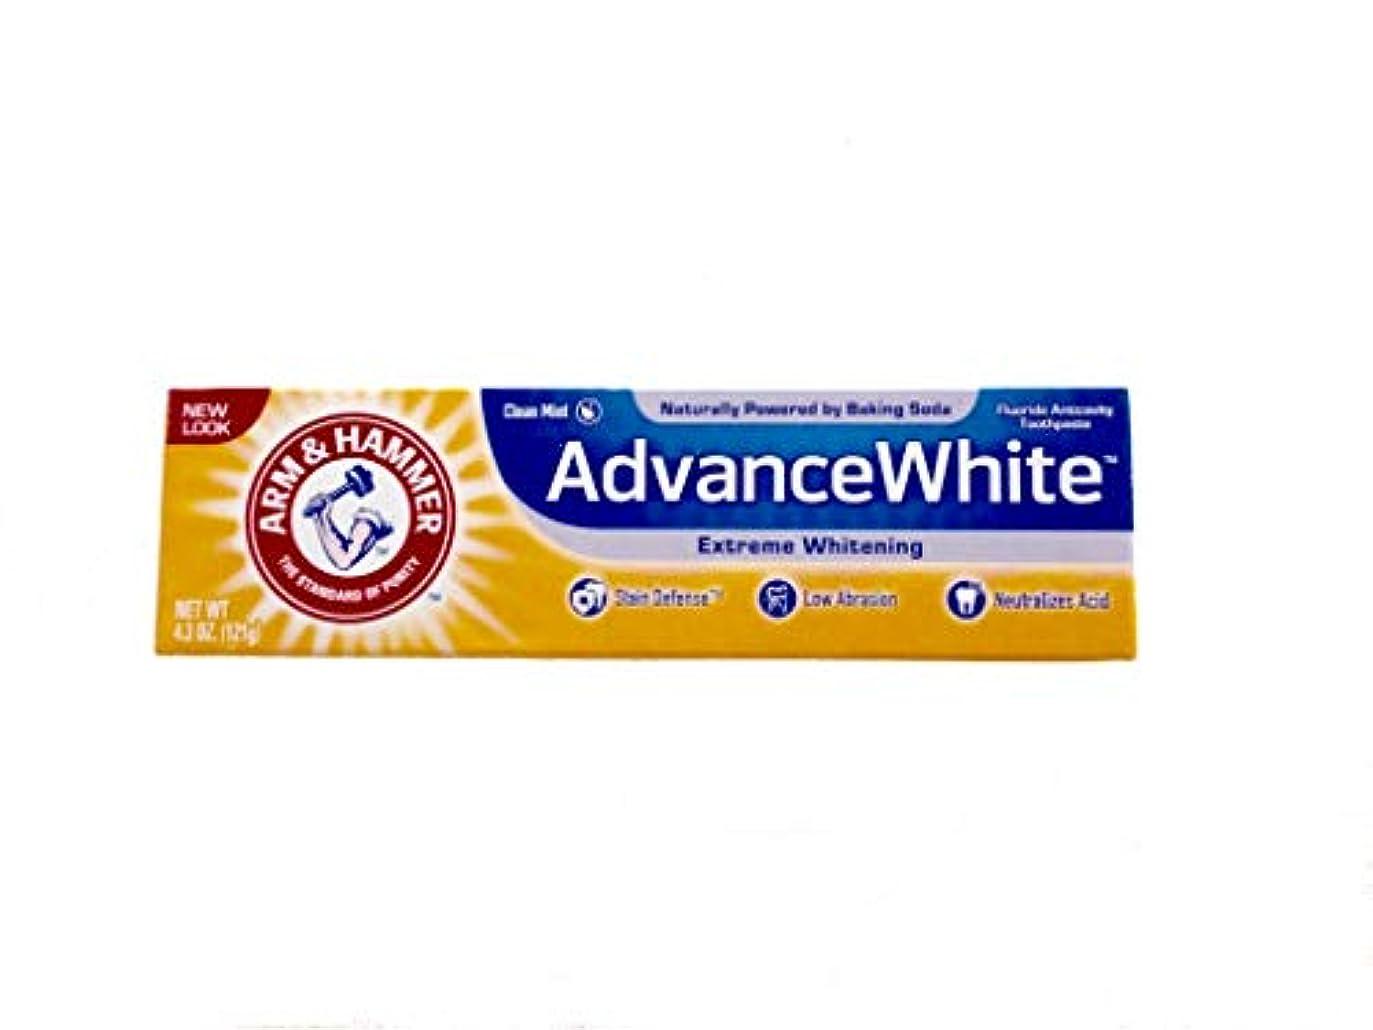 受け取る仕方インスタンスArm & Hammer Advance White Fluoride Anti-Cavity Toothpaste with Baking Soda & Peroxide - 4.3 oz by Arm & Hammer...